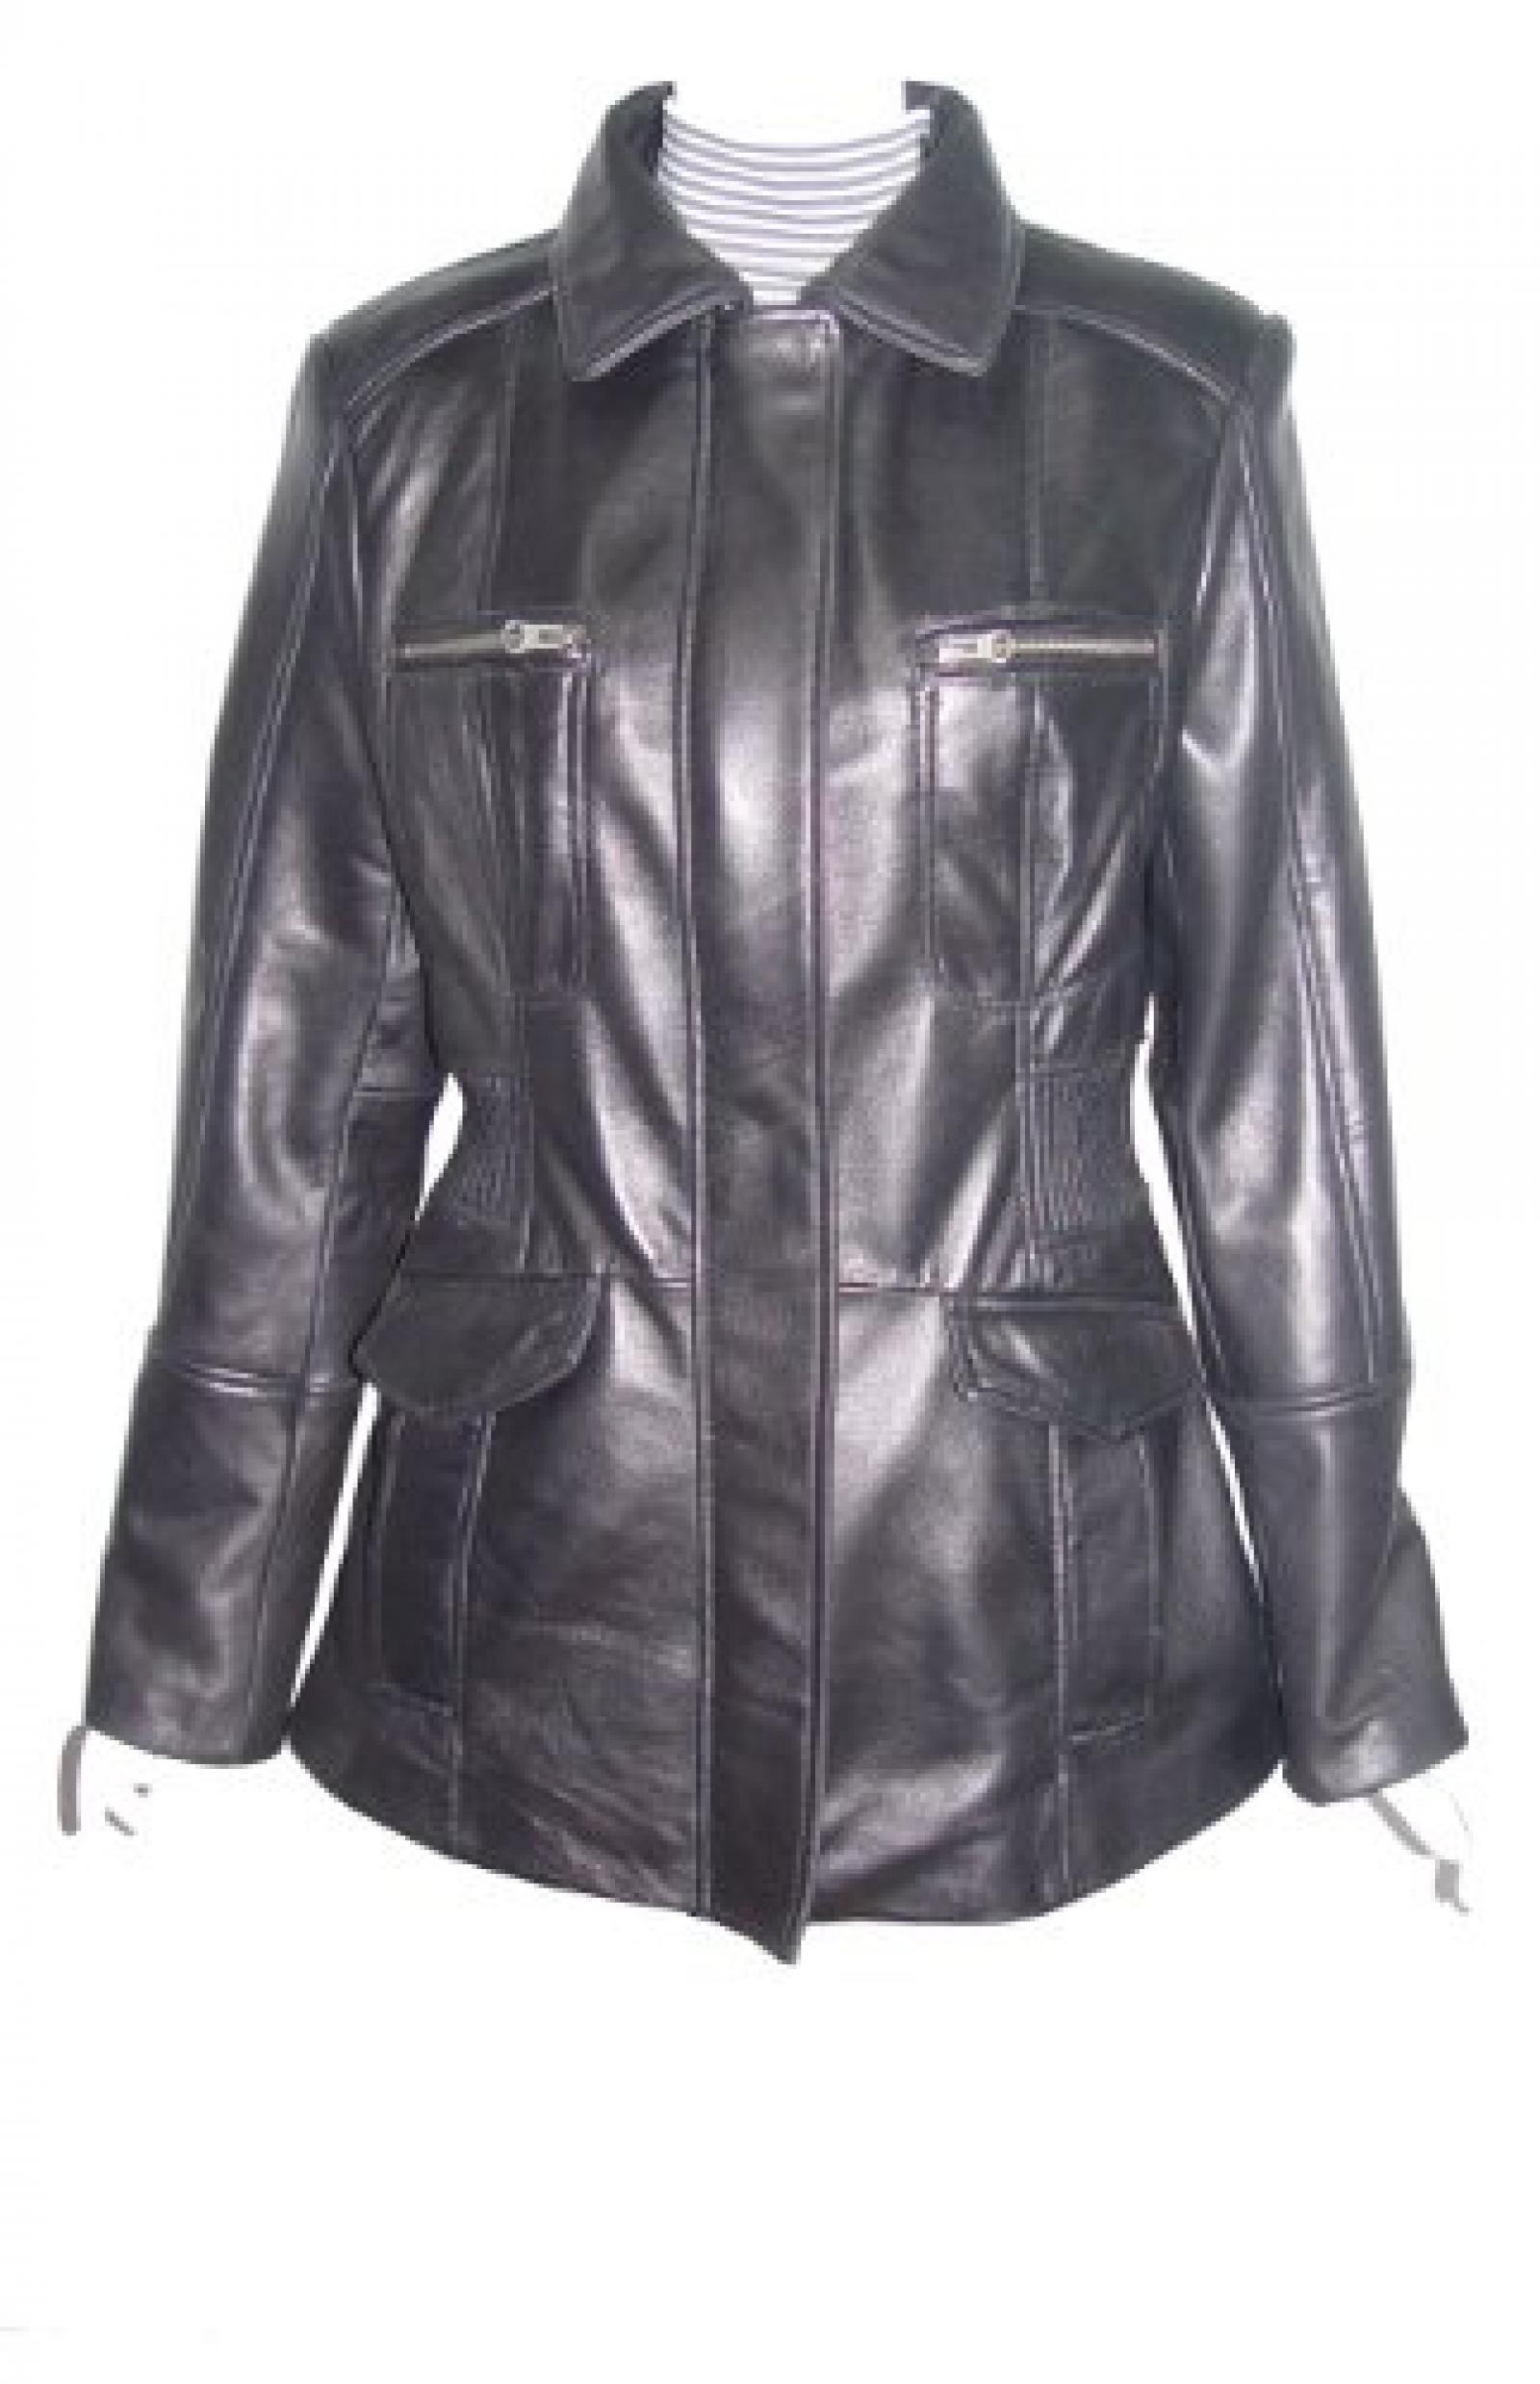 Nettailor Women PETITE SZ 4203 Leather Casual Jacket Placket Front Chest Pocket